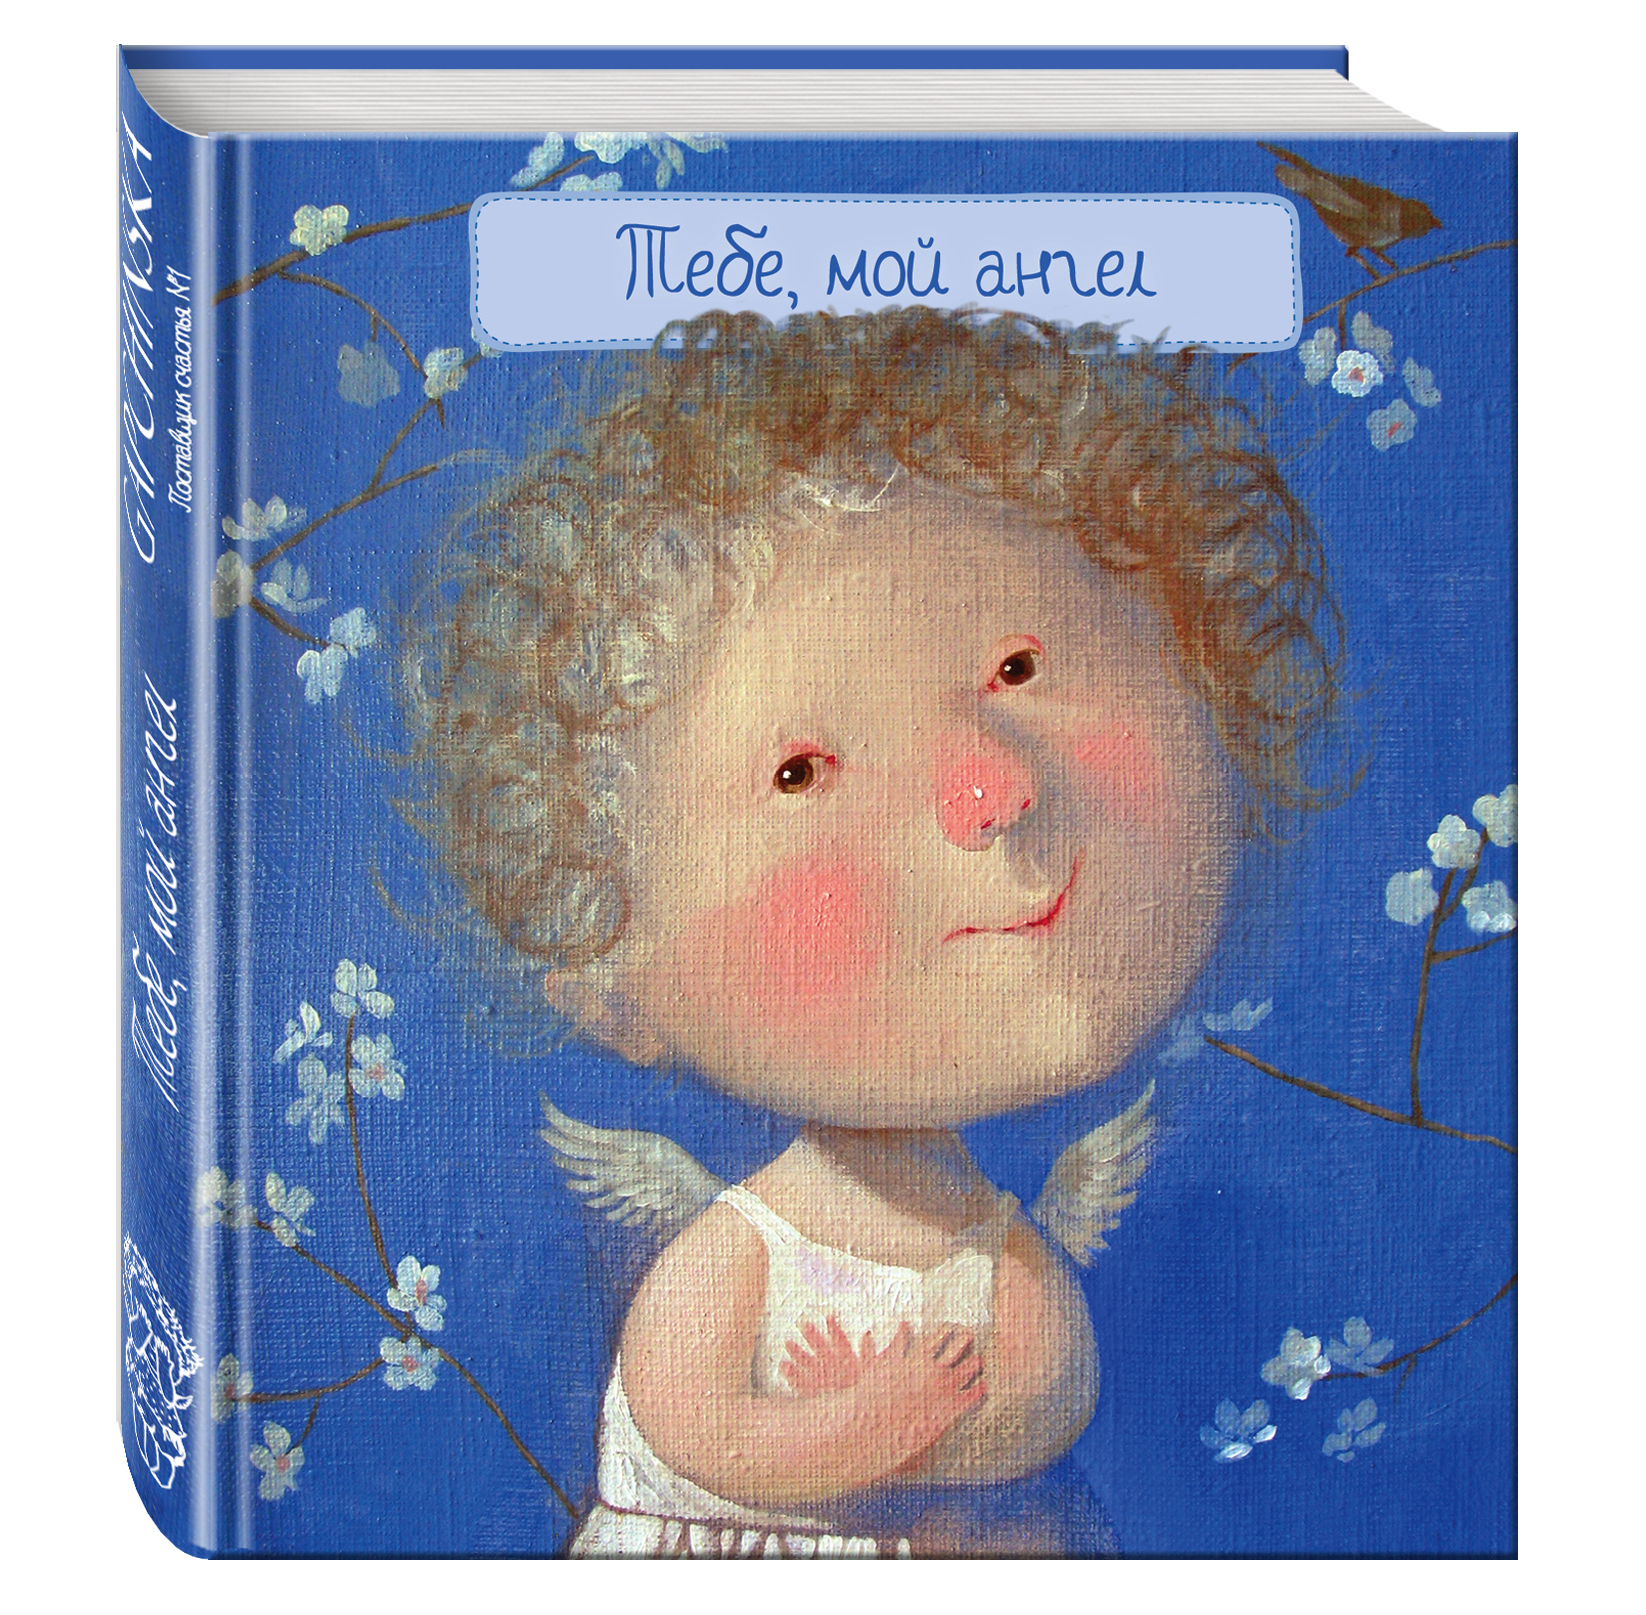 Тебе, мой ангел (книга в формате ПЛЧ) 2-е издание тебе мой ангел книга в формате плч 2 е издание